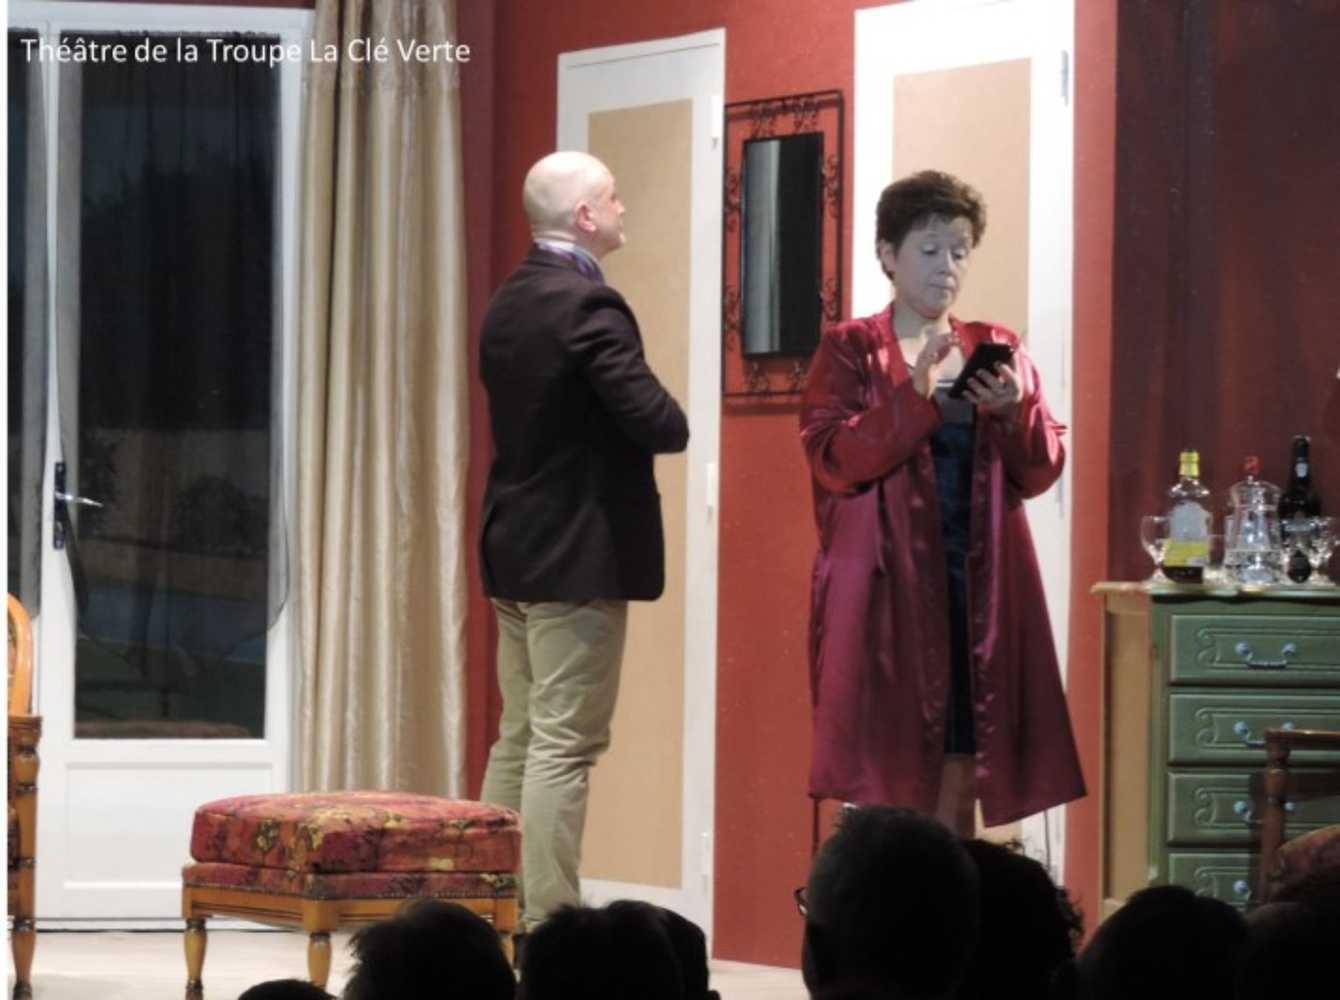 Troupe de théâtre la Clé Verte : photos des représentations image3